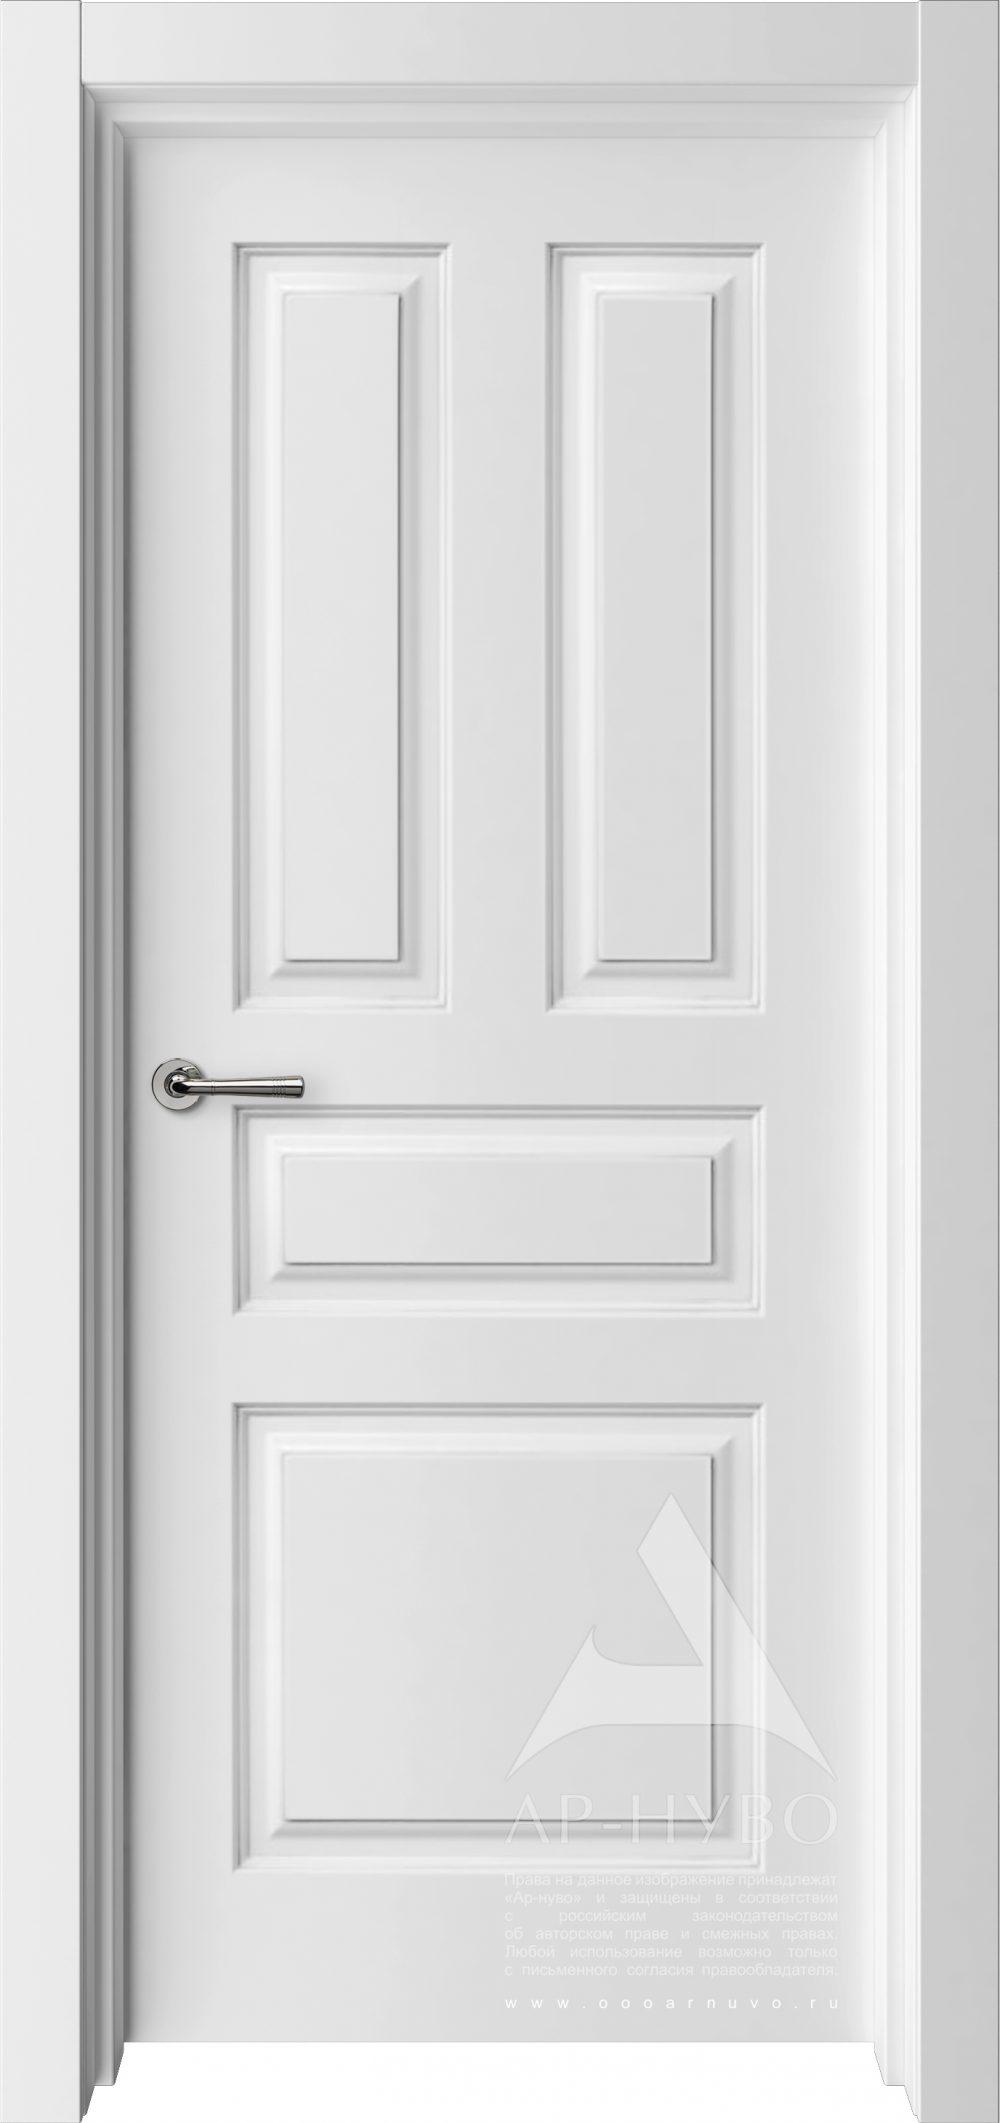 белая межкомнатная дверь в американском стиле модель соната